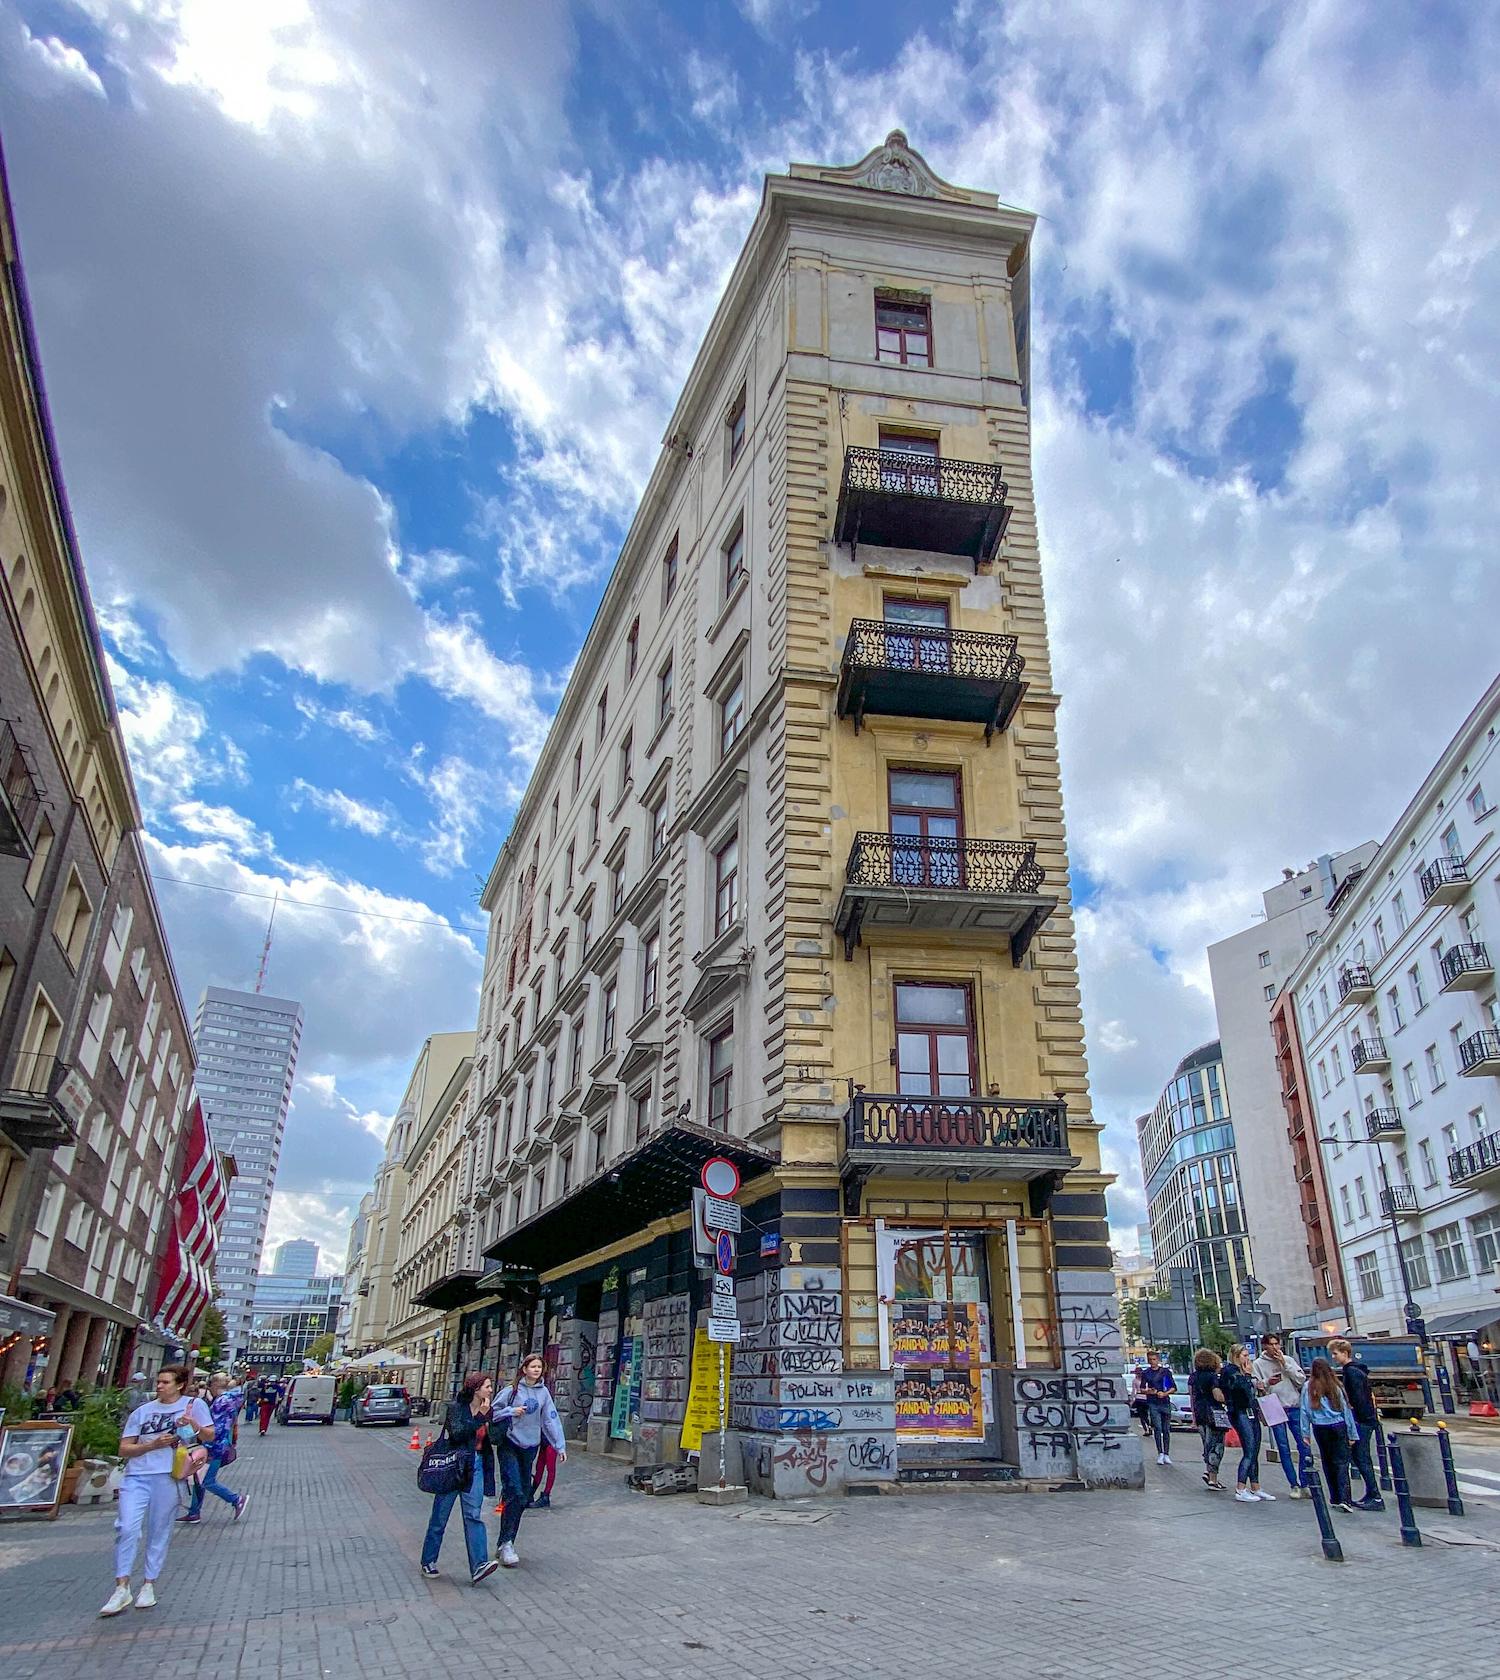 plac pięciu rogów wcentrum Warszawy